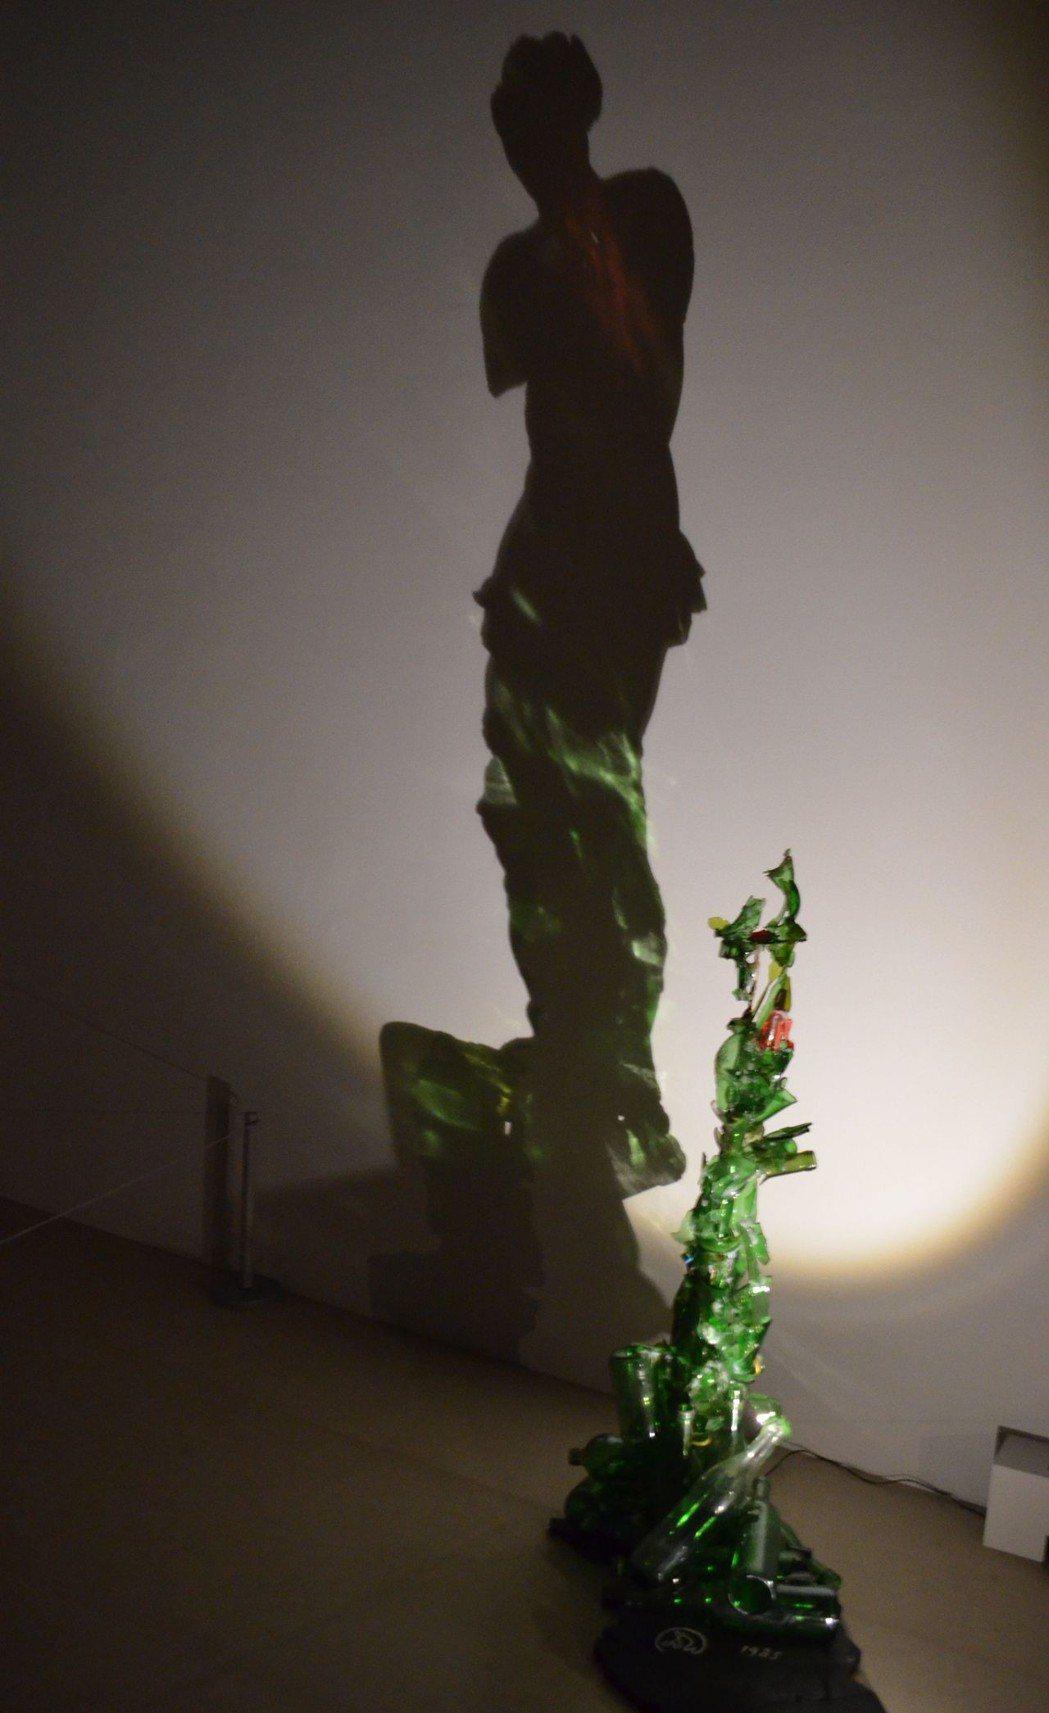 碎玻璃瓶與光源,投射出「著火的維納斯」影子。  陳慧明 攝影